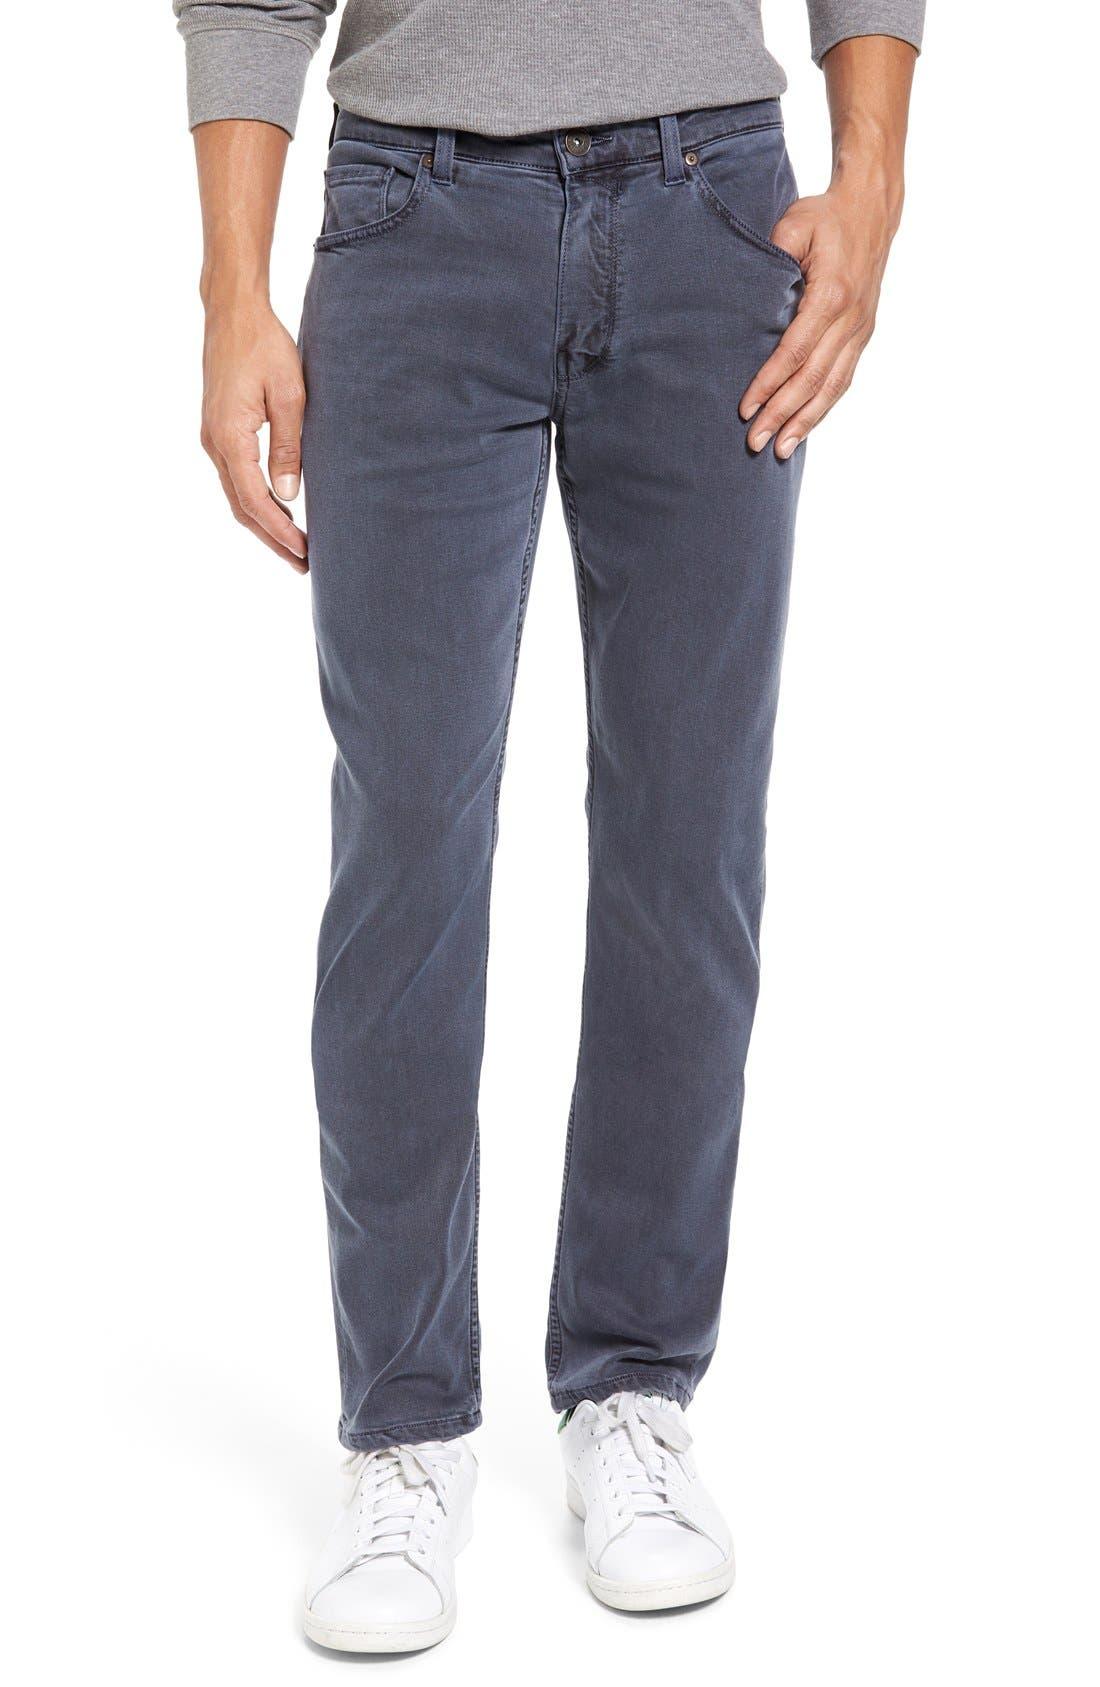 Transcend - Federal Slim Straight Leg Jeans,                         Main,                         color, VINTAGE NAVY